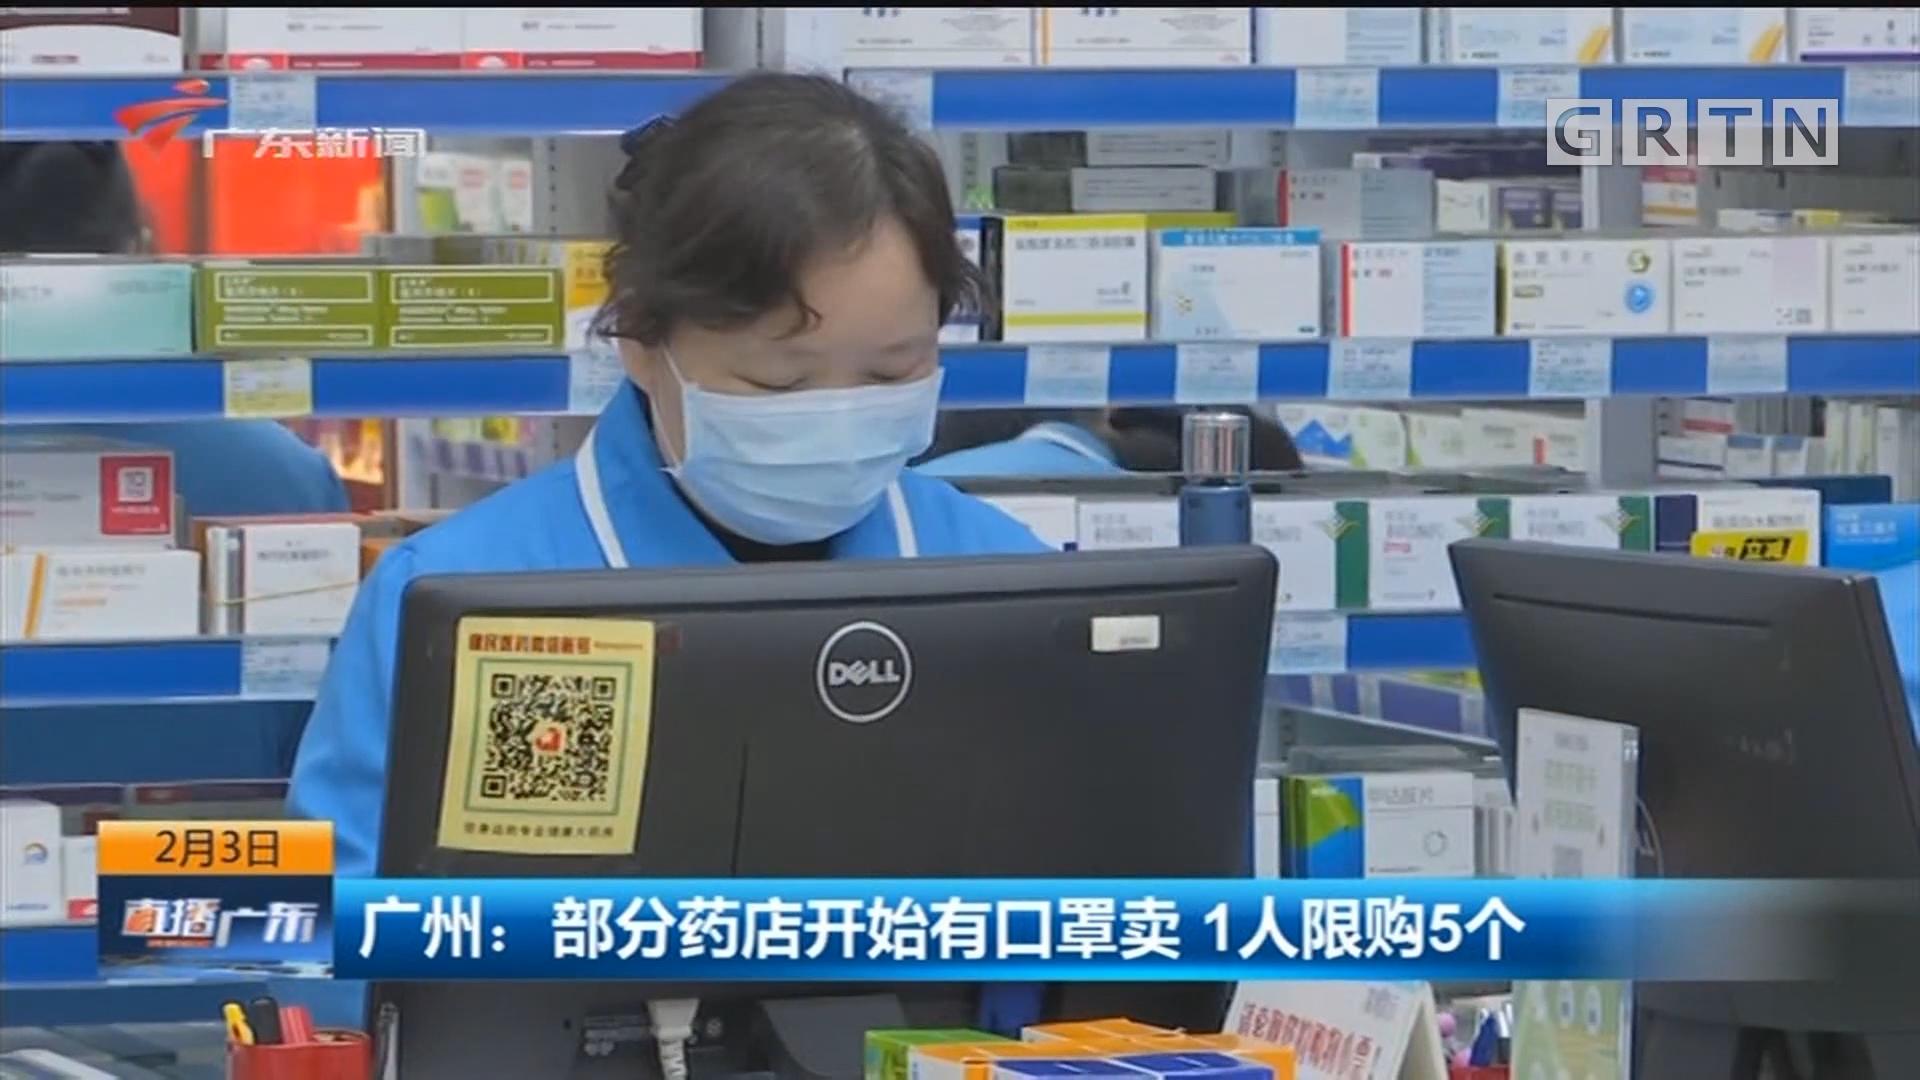 广州:部分药店开始有口罩卖 1人限购5个